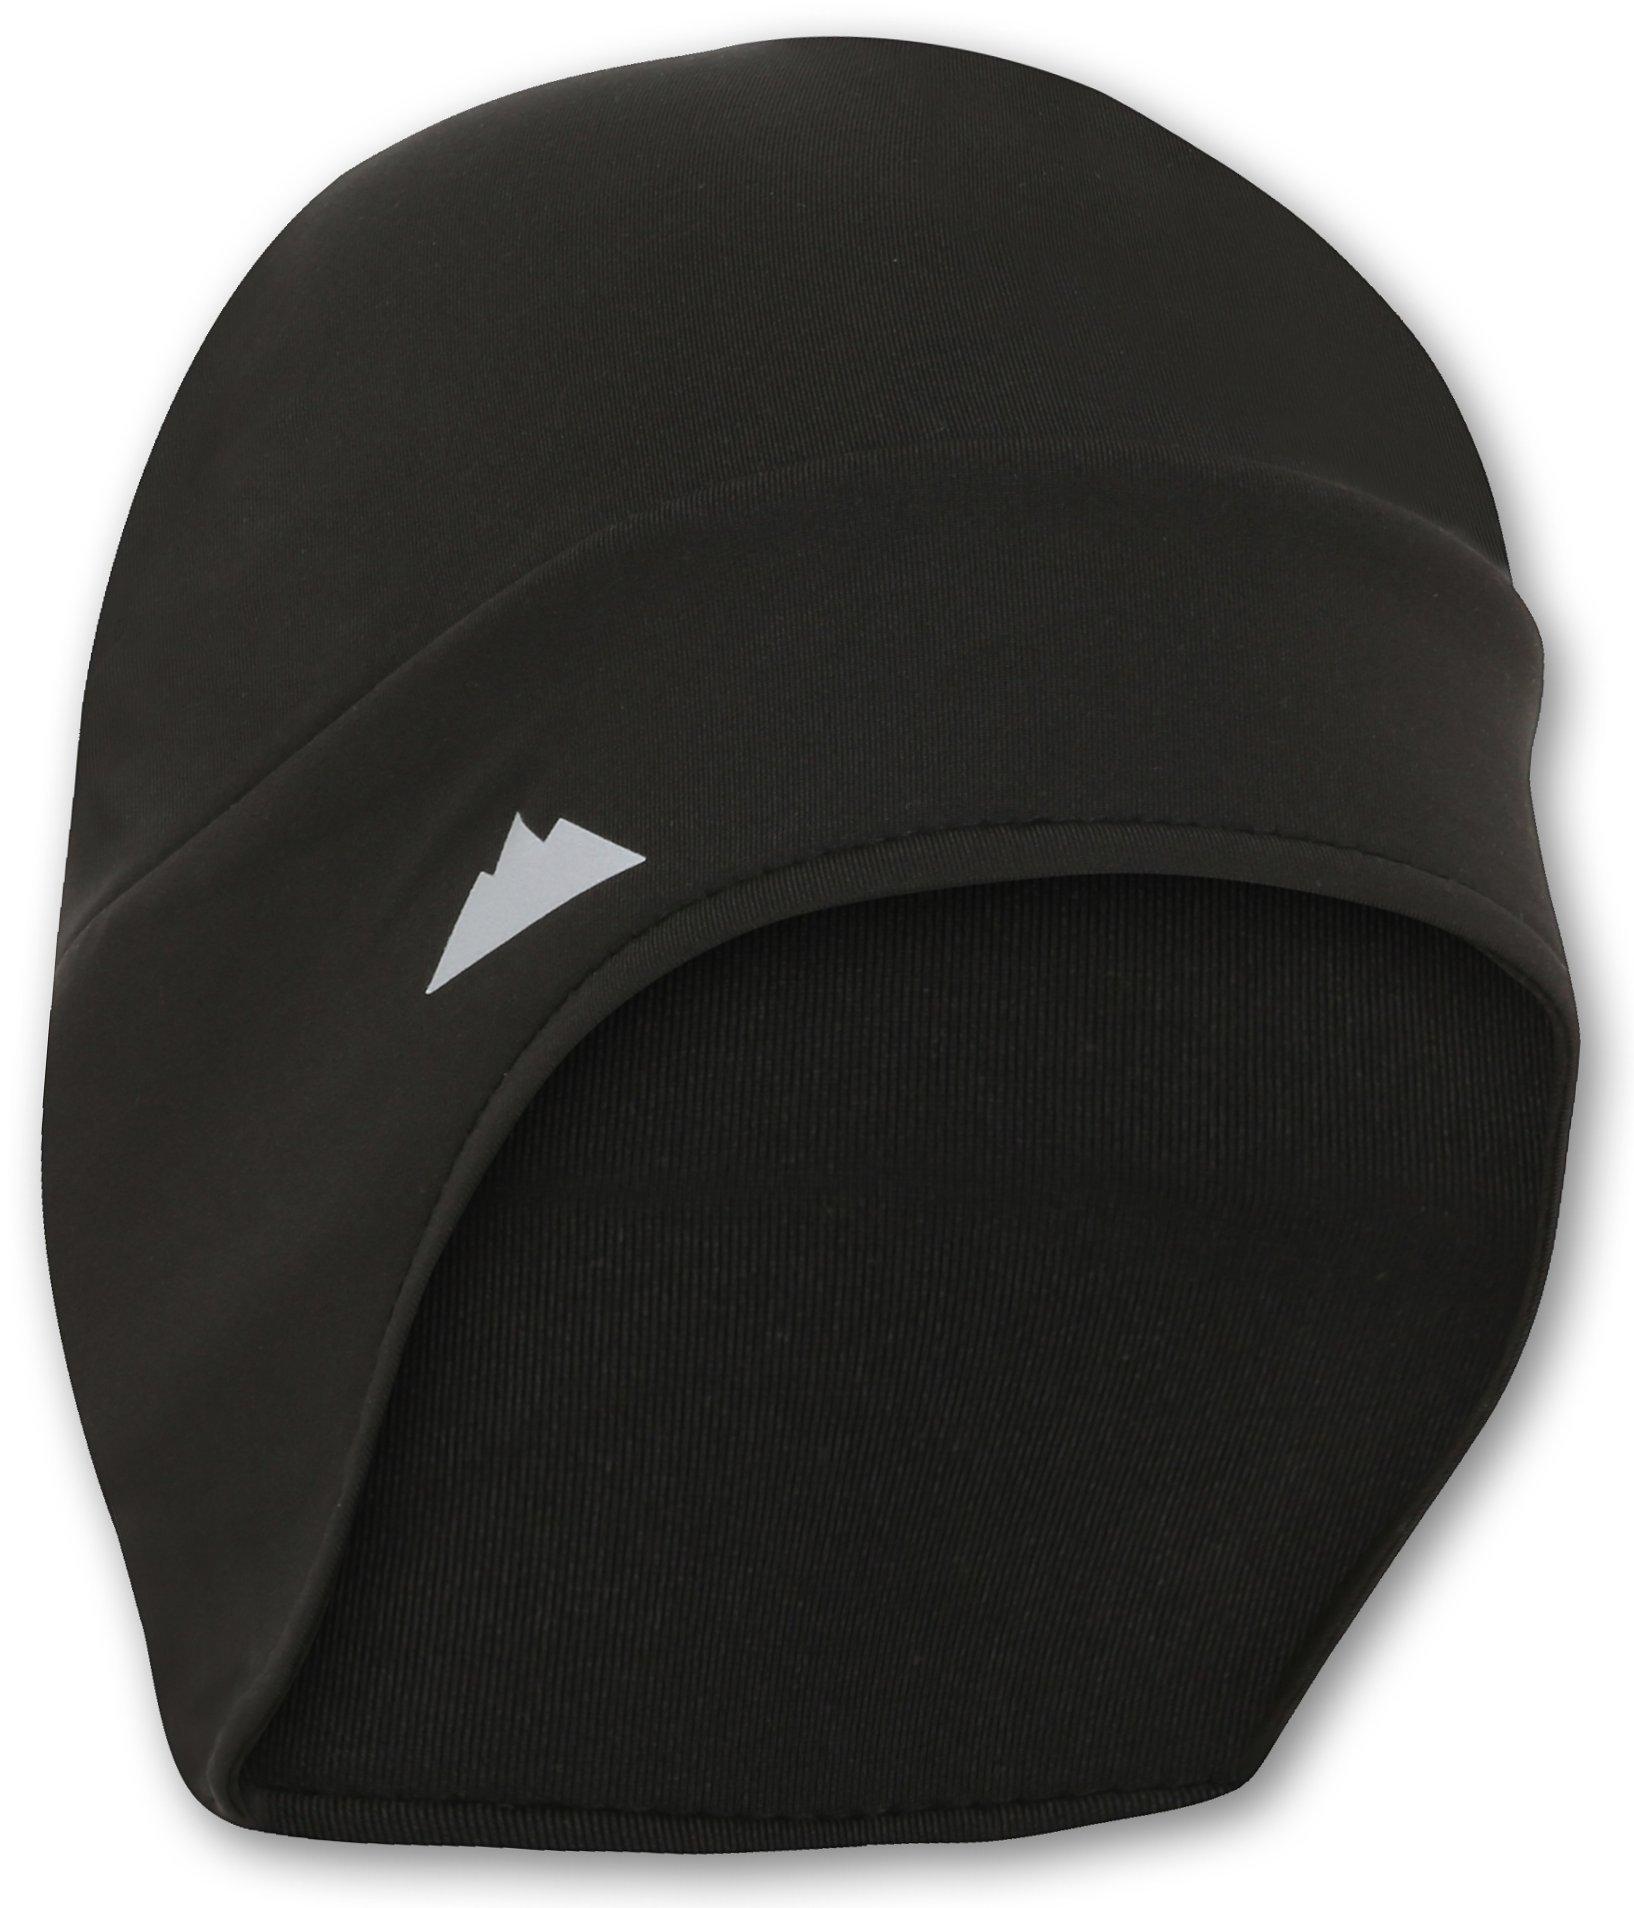 Tough Headwear Helmet Beanie Covers